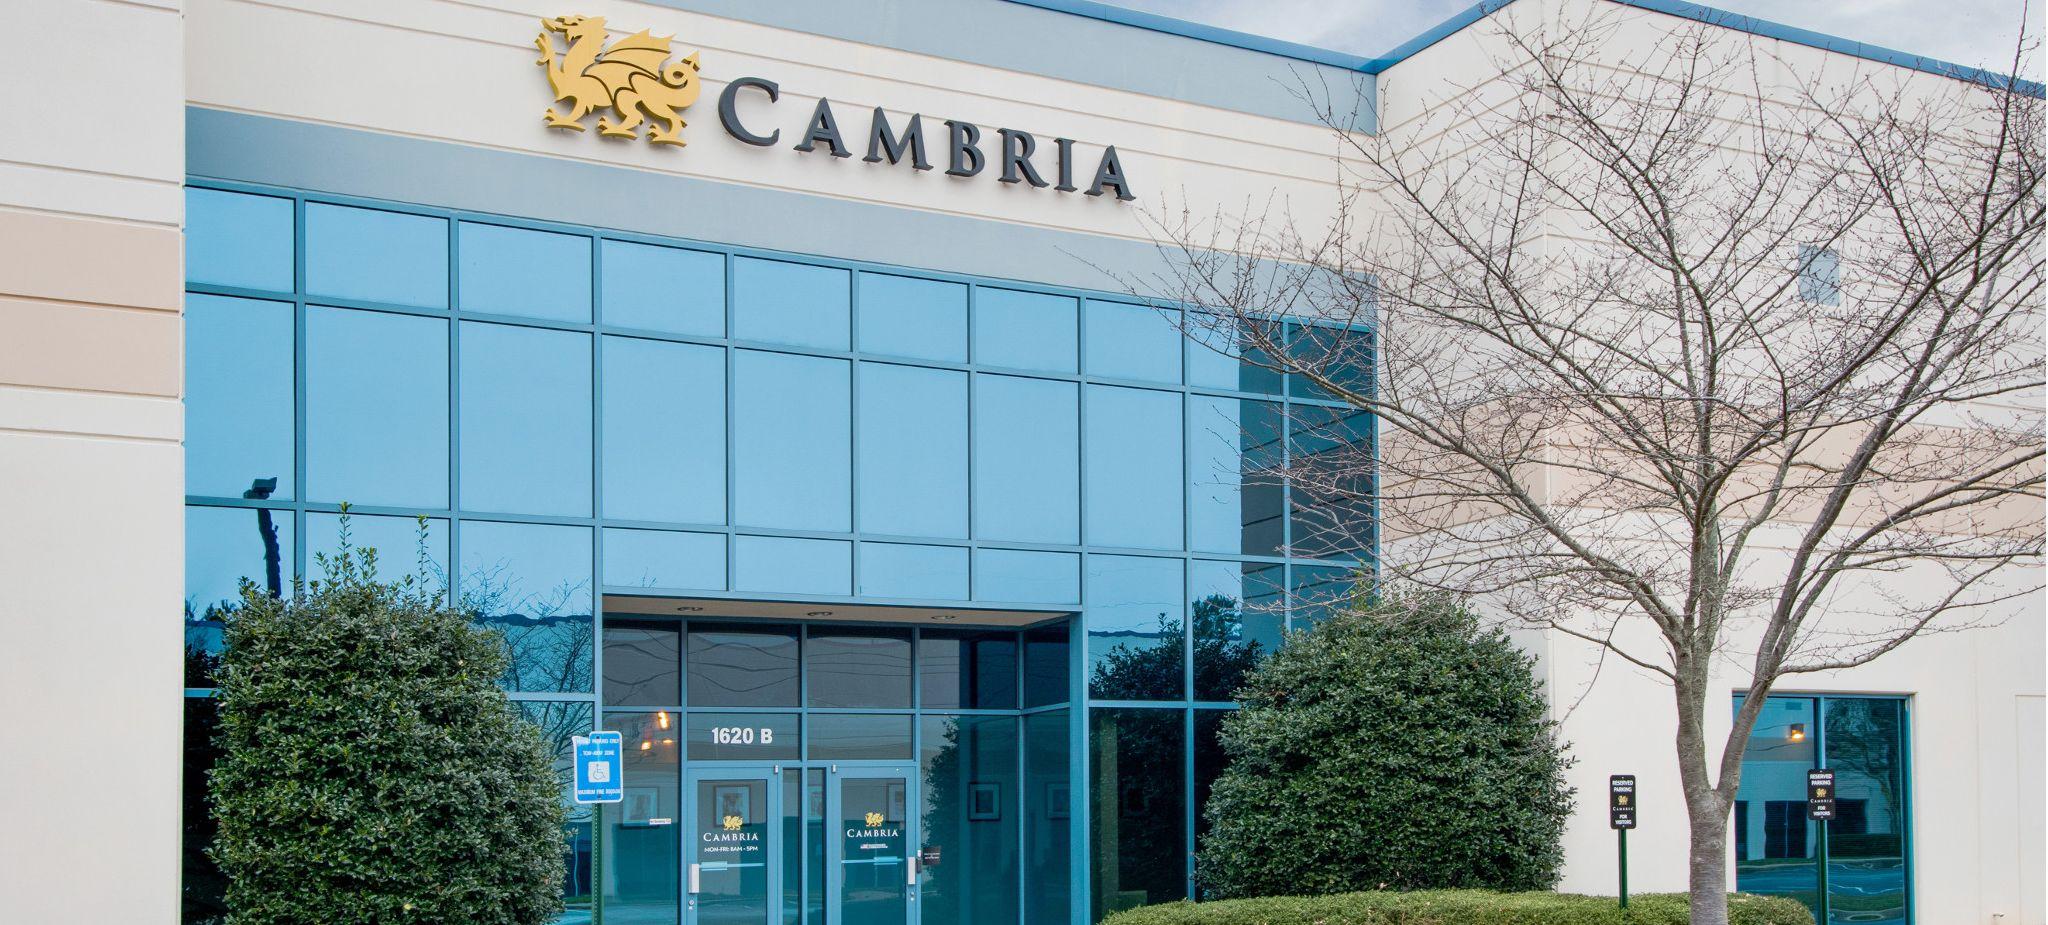 Cambria DC_Atlanta_McKay_003_19.jpg